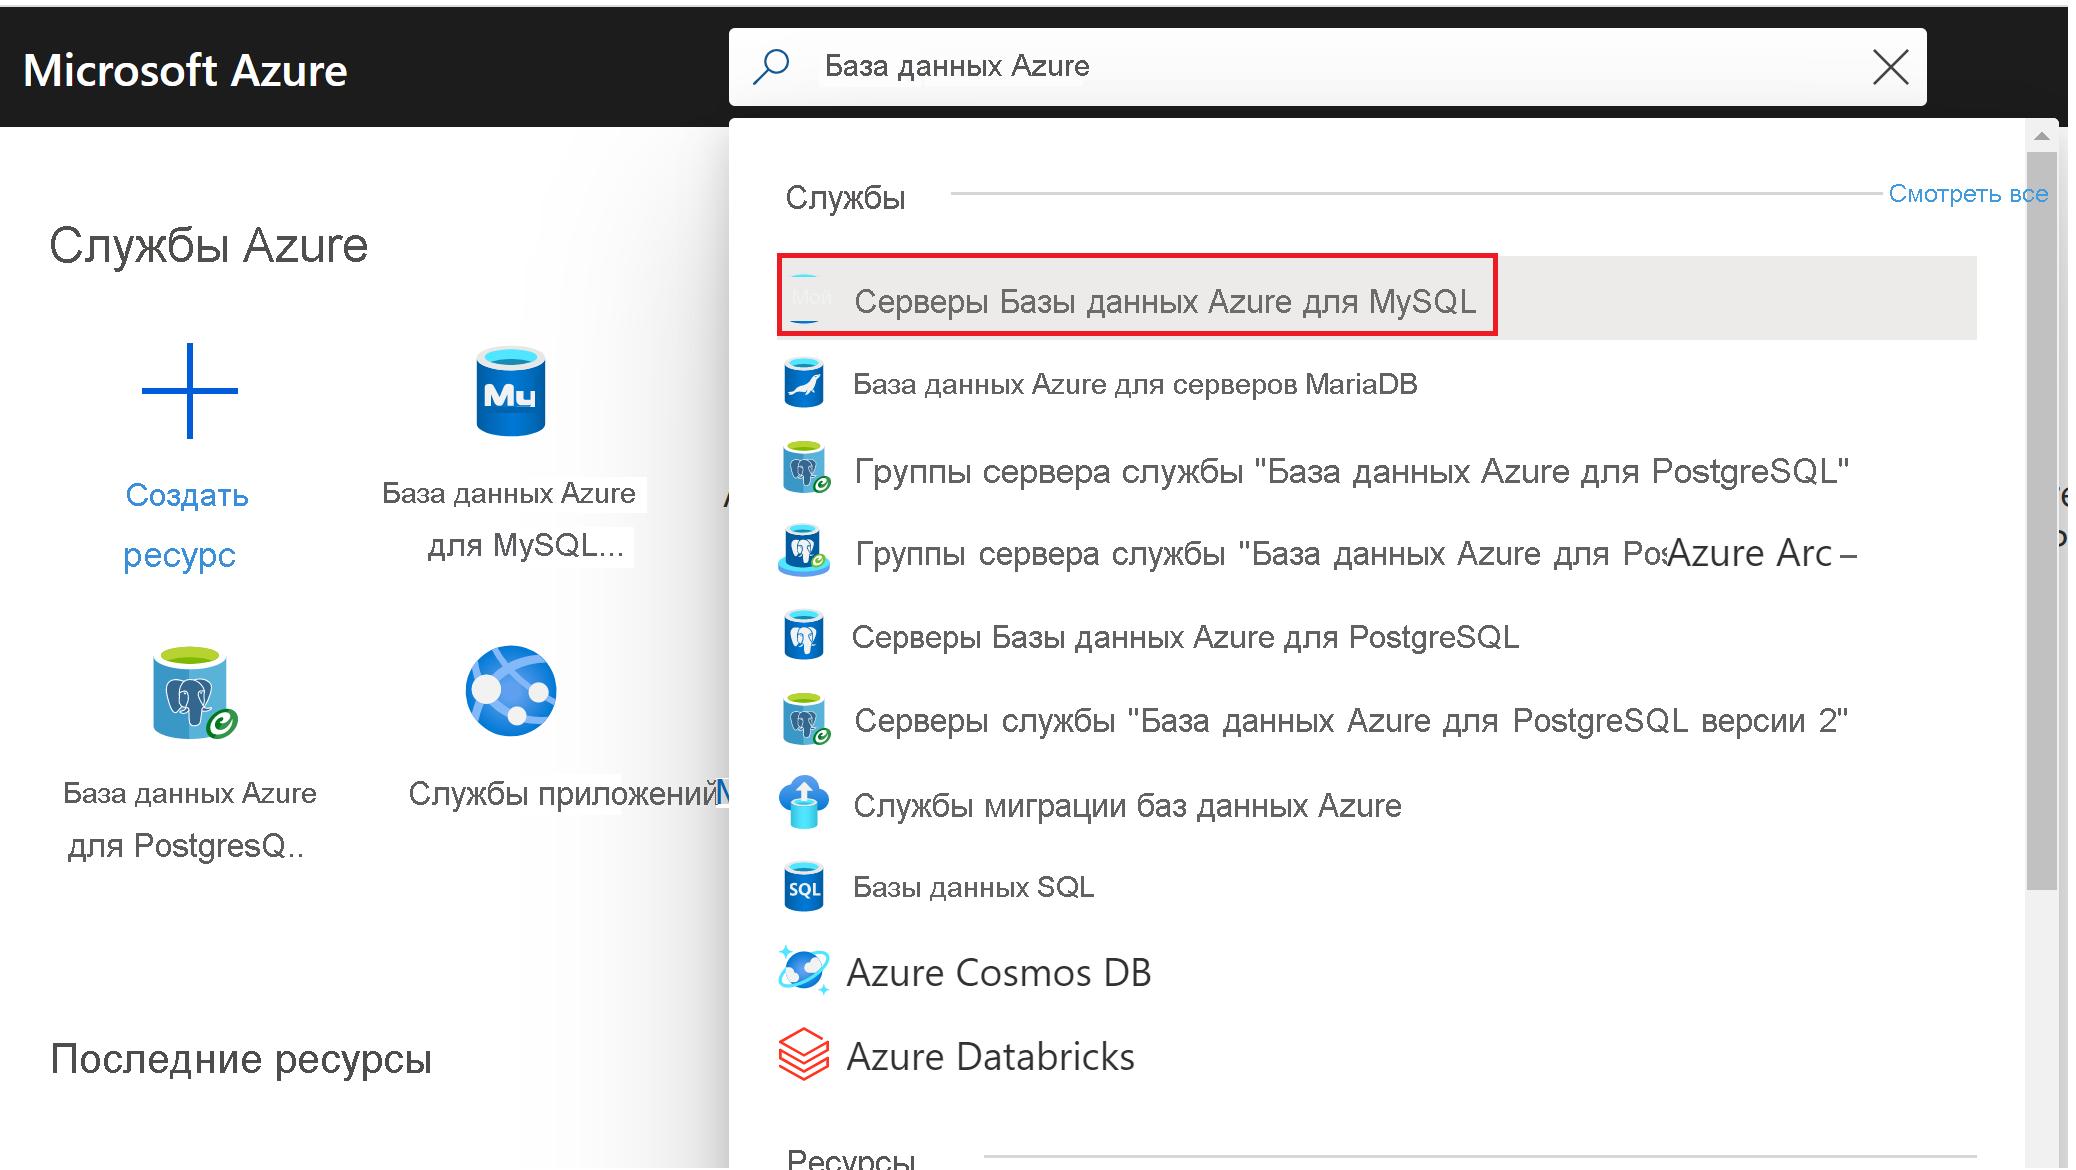 Поиск Базы данных Azure для MySQL